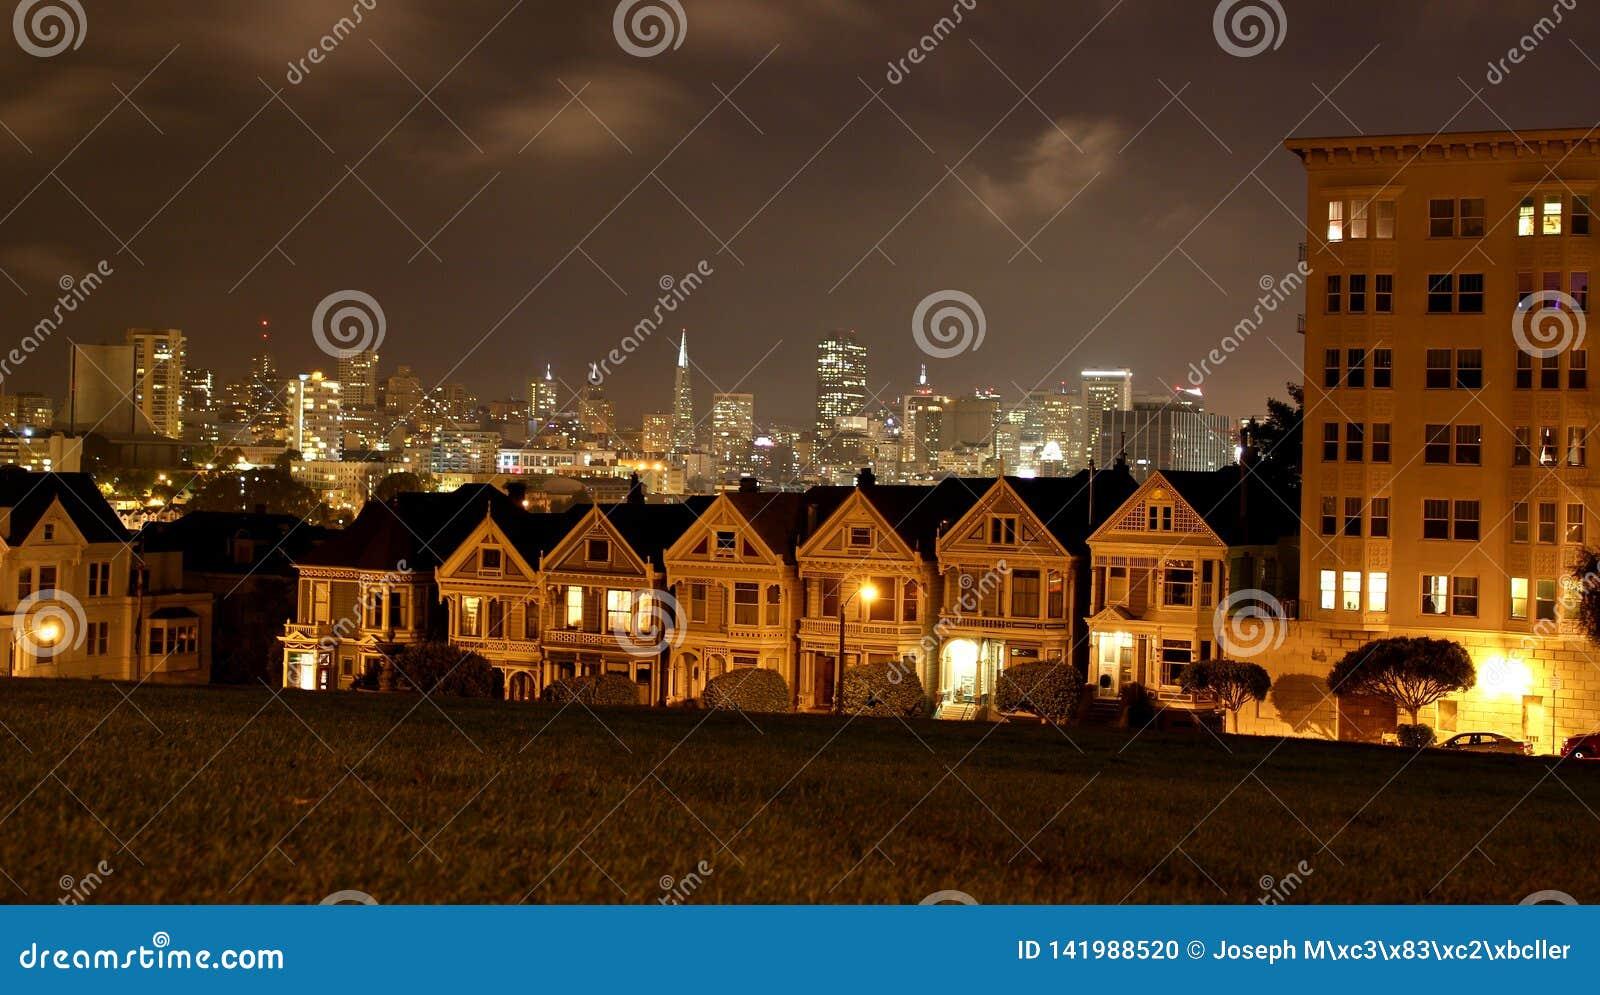 Mooie mening van Geschilderde Dames, kleurrijke Victoriaanse huizen op een rij in de avond in San Francisco/Californië, de V.S.